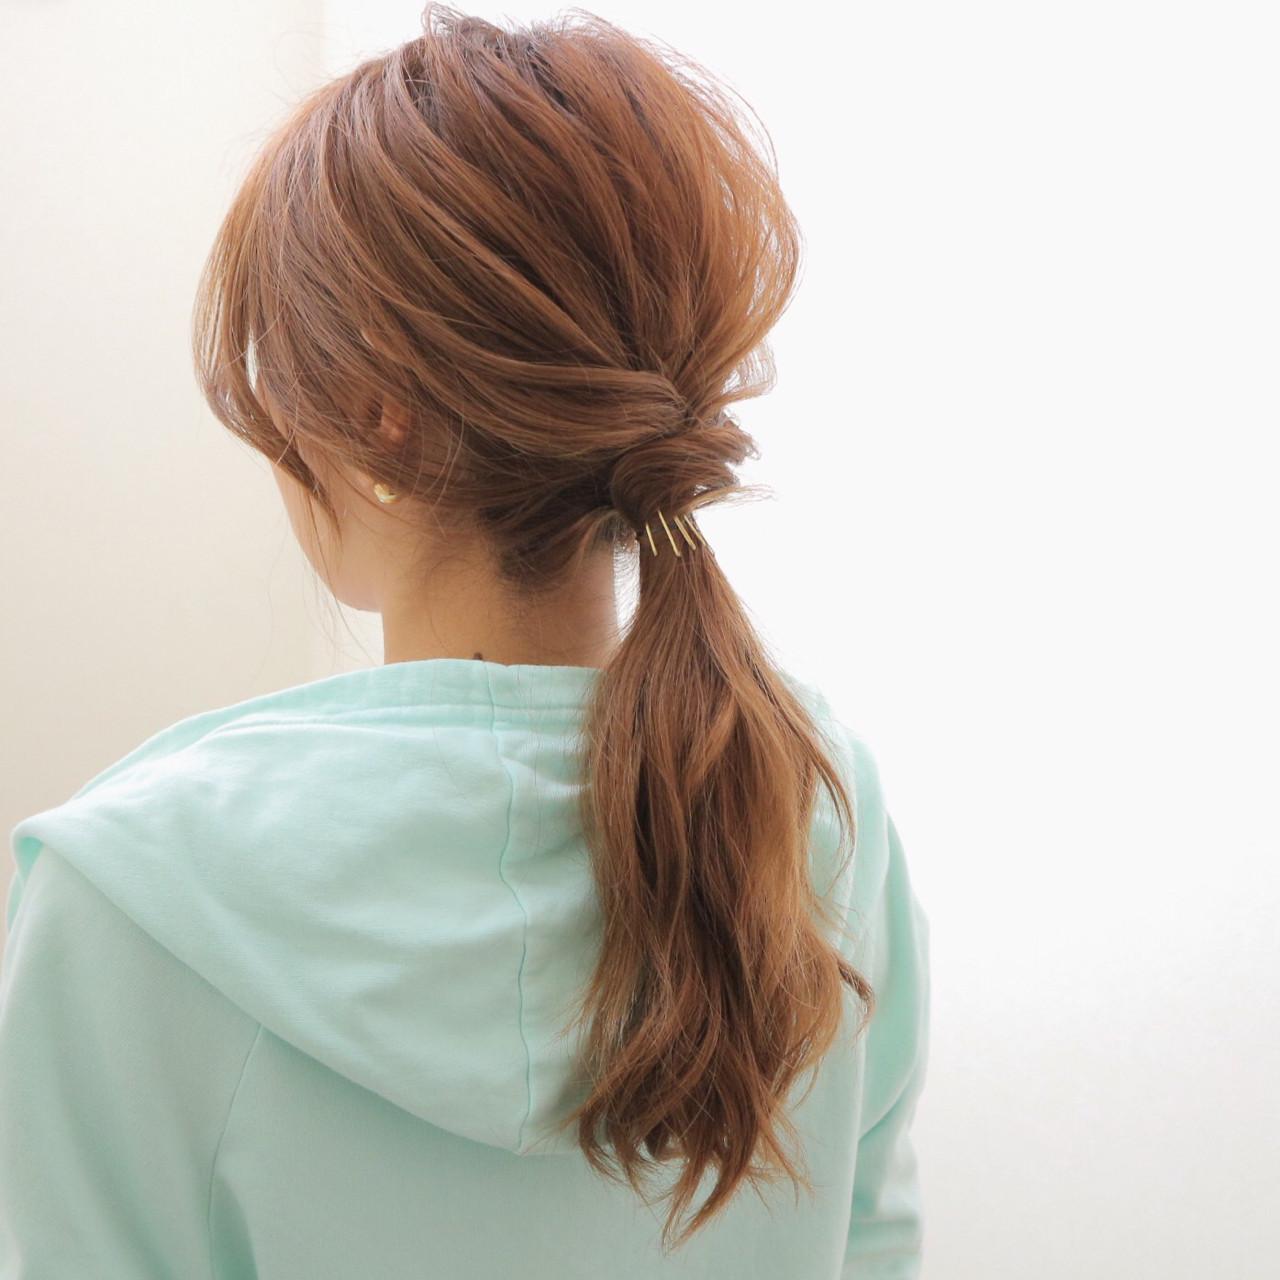 金ピンを使ったロングのヘアアレンジ♡ ryota kuwamura